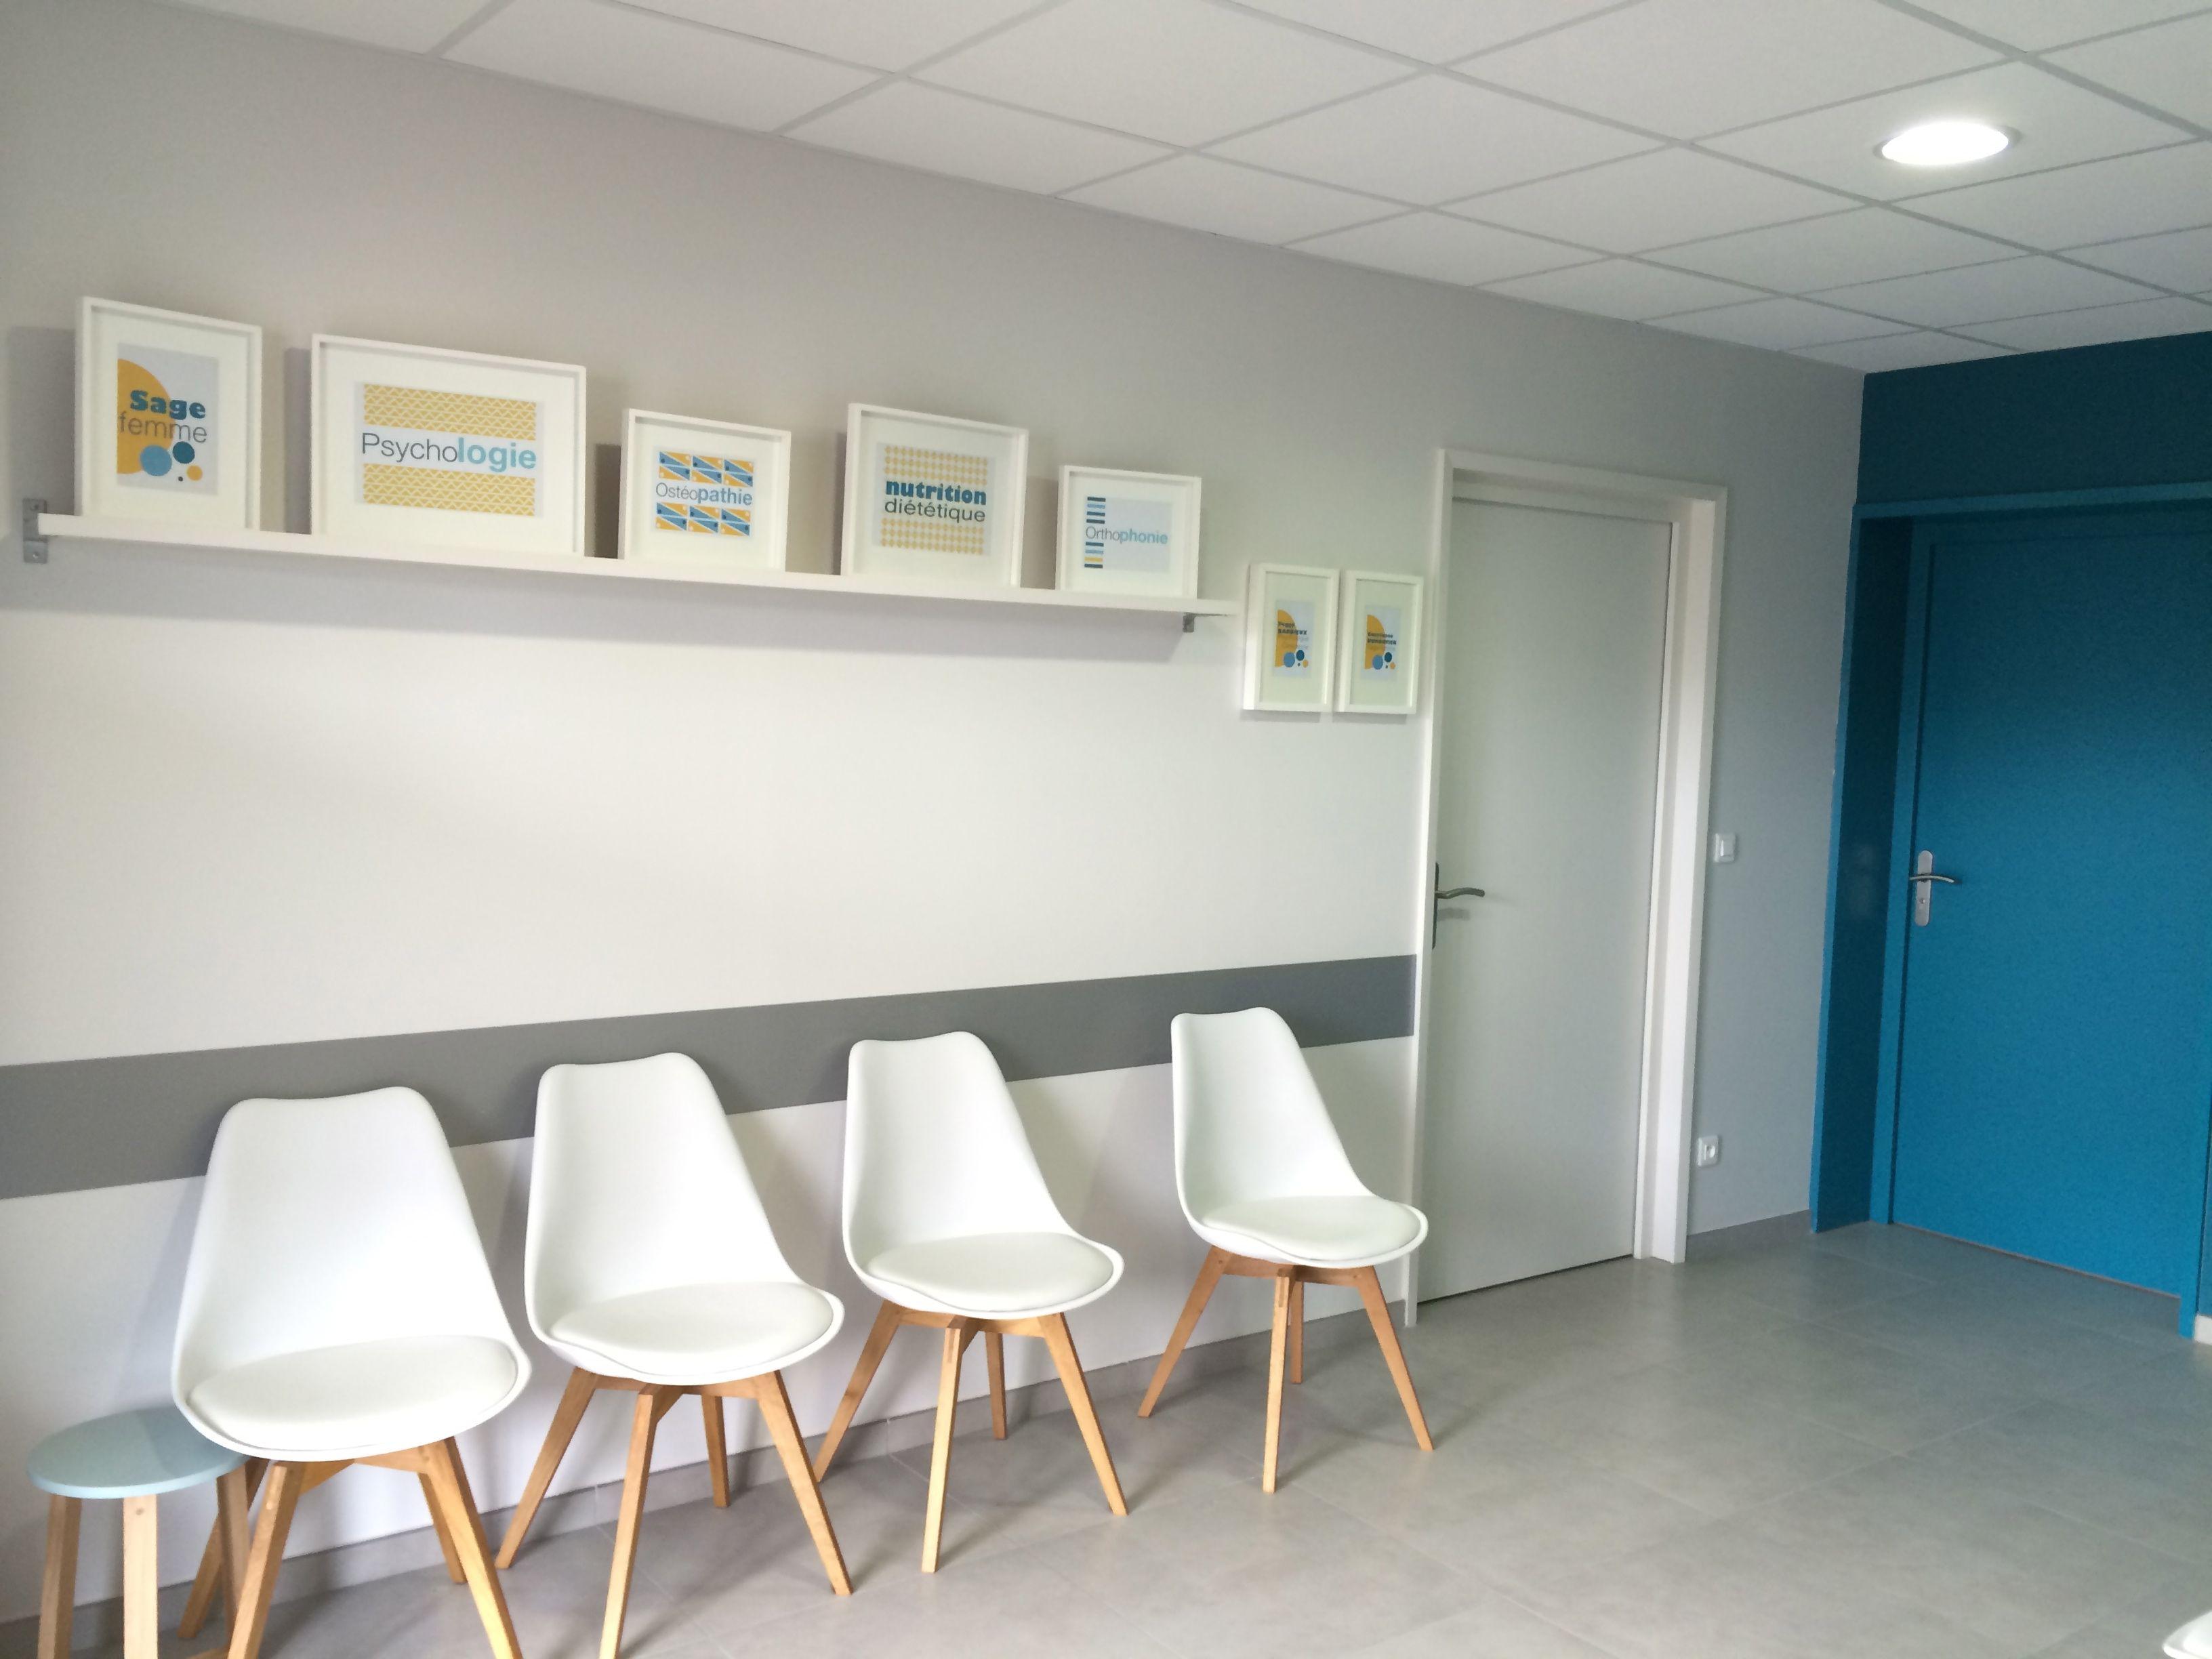 Chaises Salle D Attente Cabinet Medical Épinglé sur office